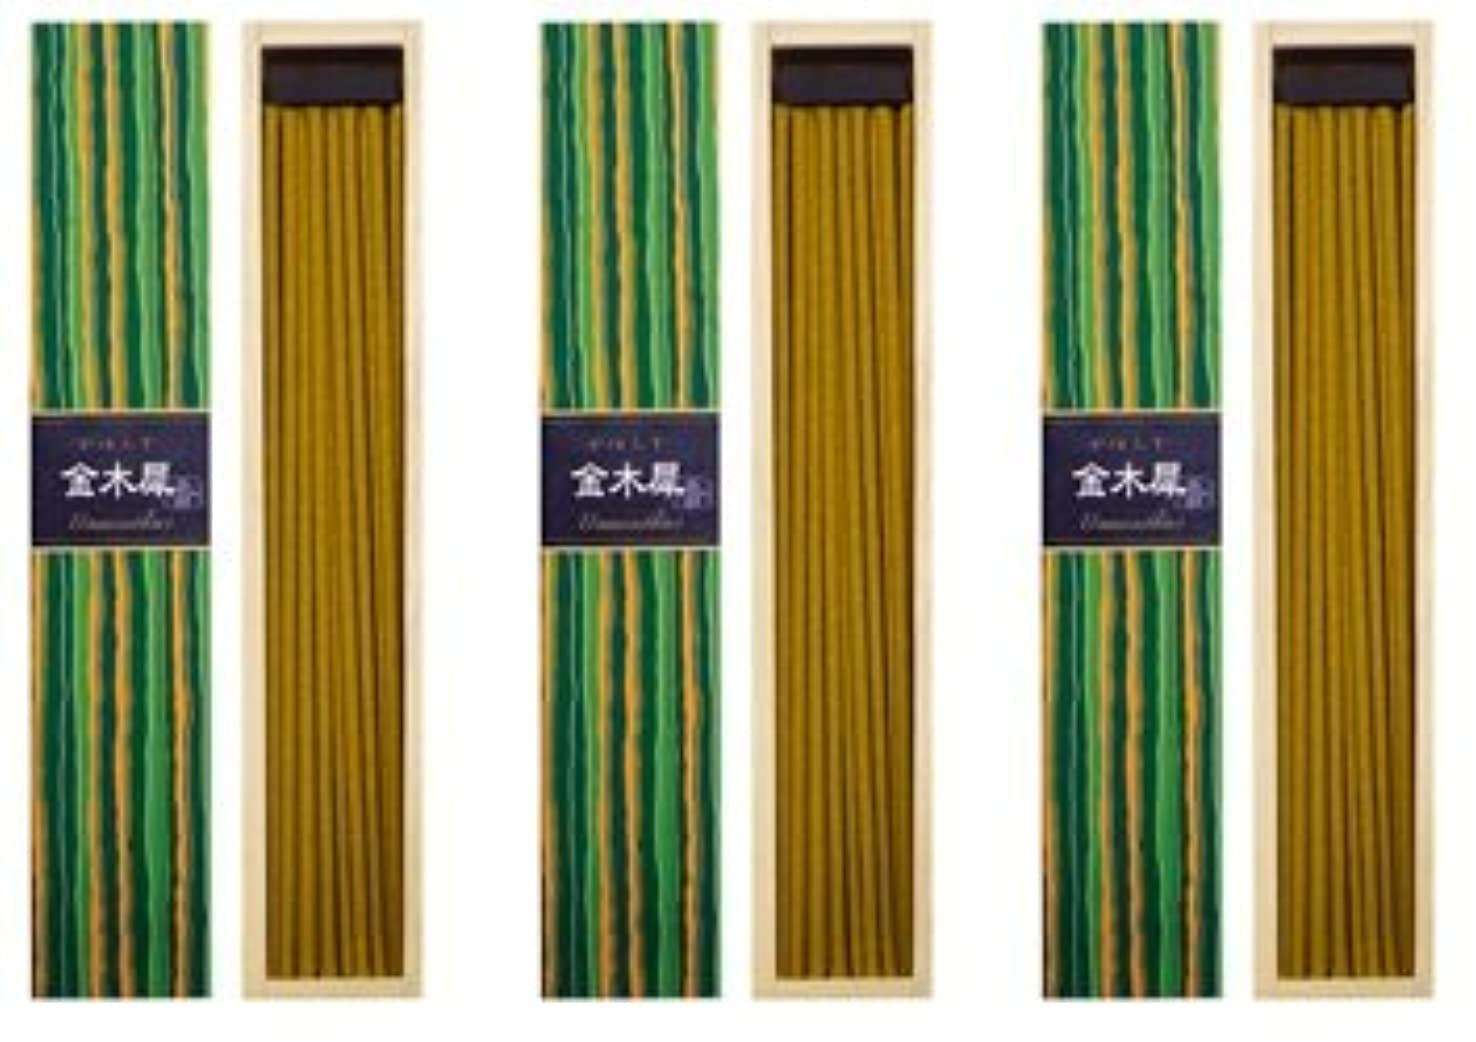 以下好奇心純度日本香堂 かゆらぎ 金木犀(きんもくせい) スティック40本入 3箱セット